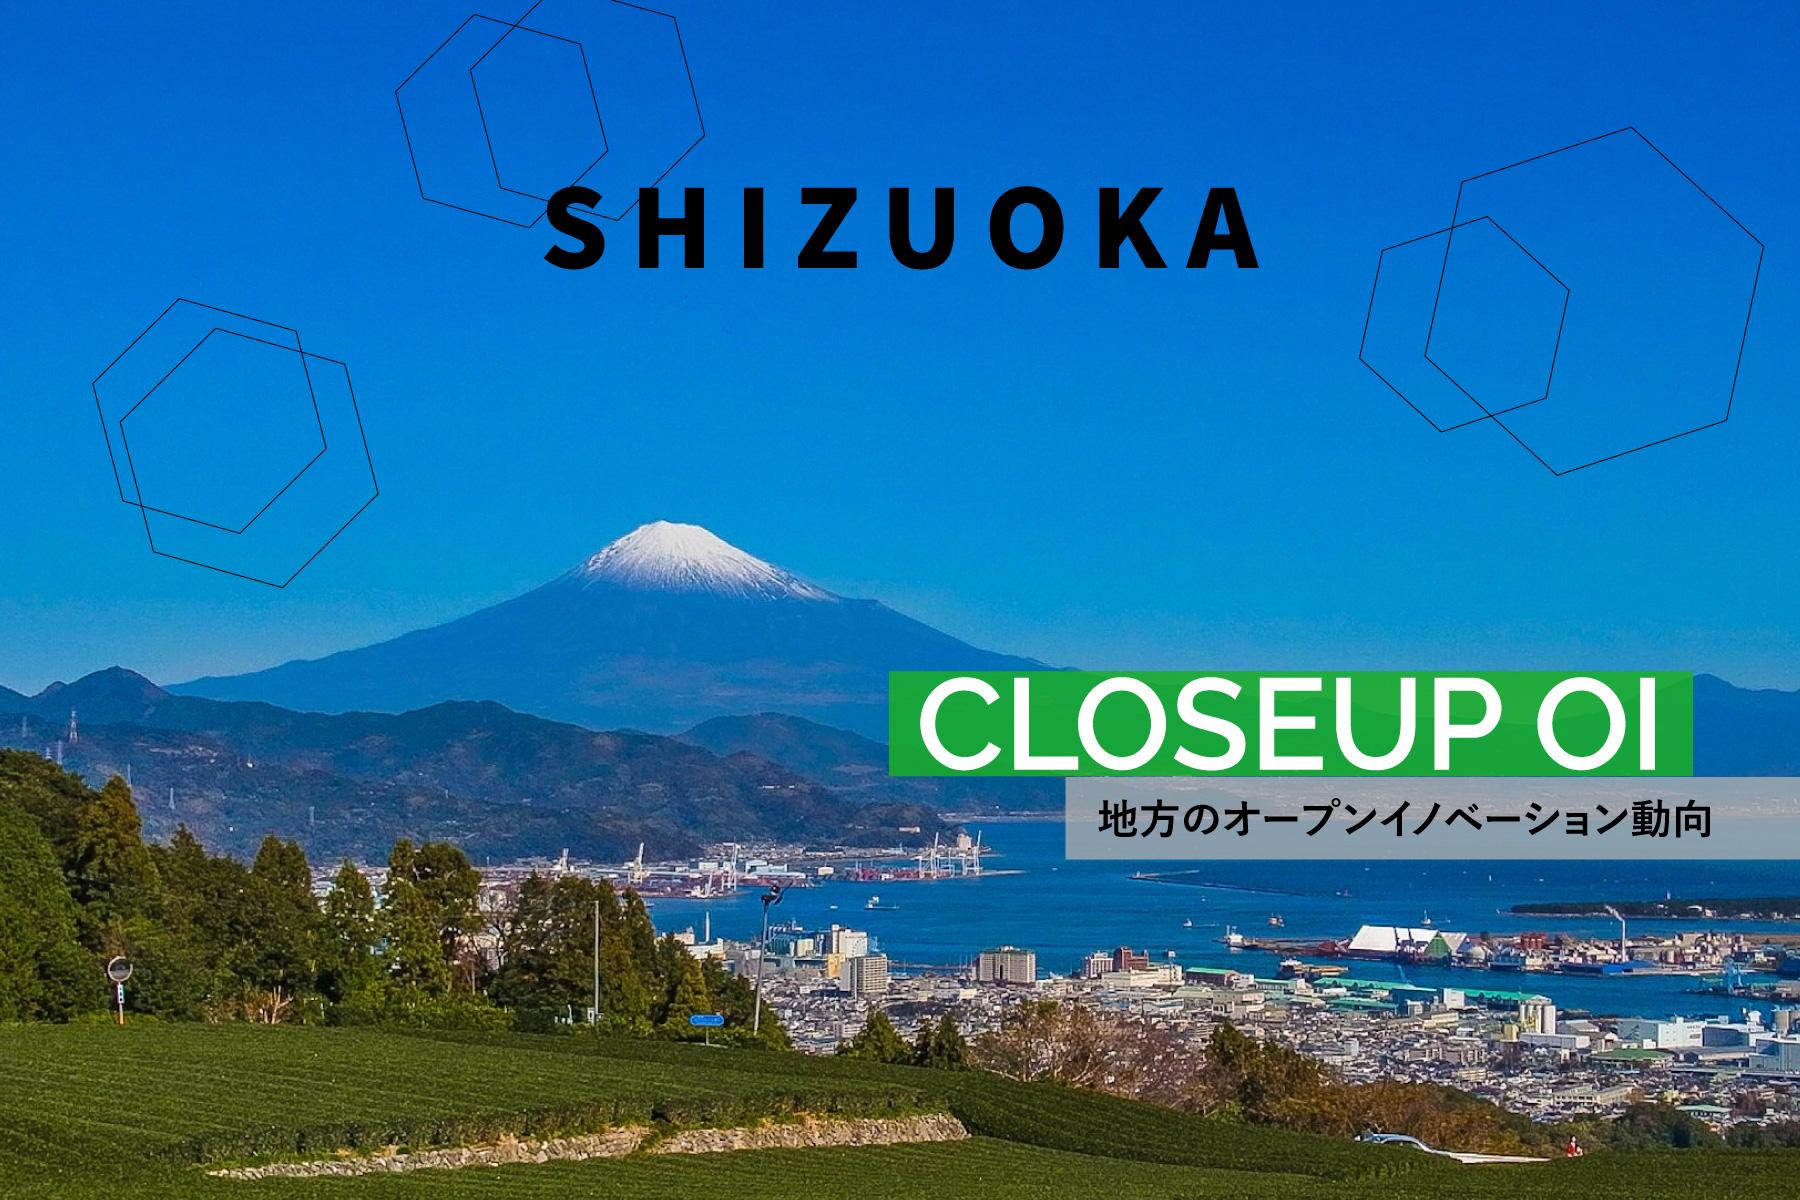 """オープンイノベーションにかける静岡県の""""巻き込み力"""" ものづくり、水産、観光の街でなにが起きている?"""